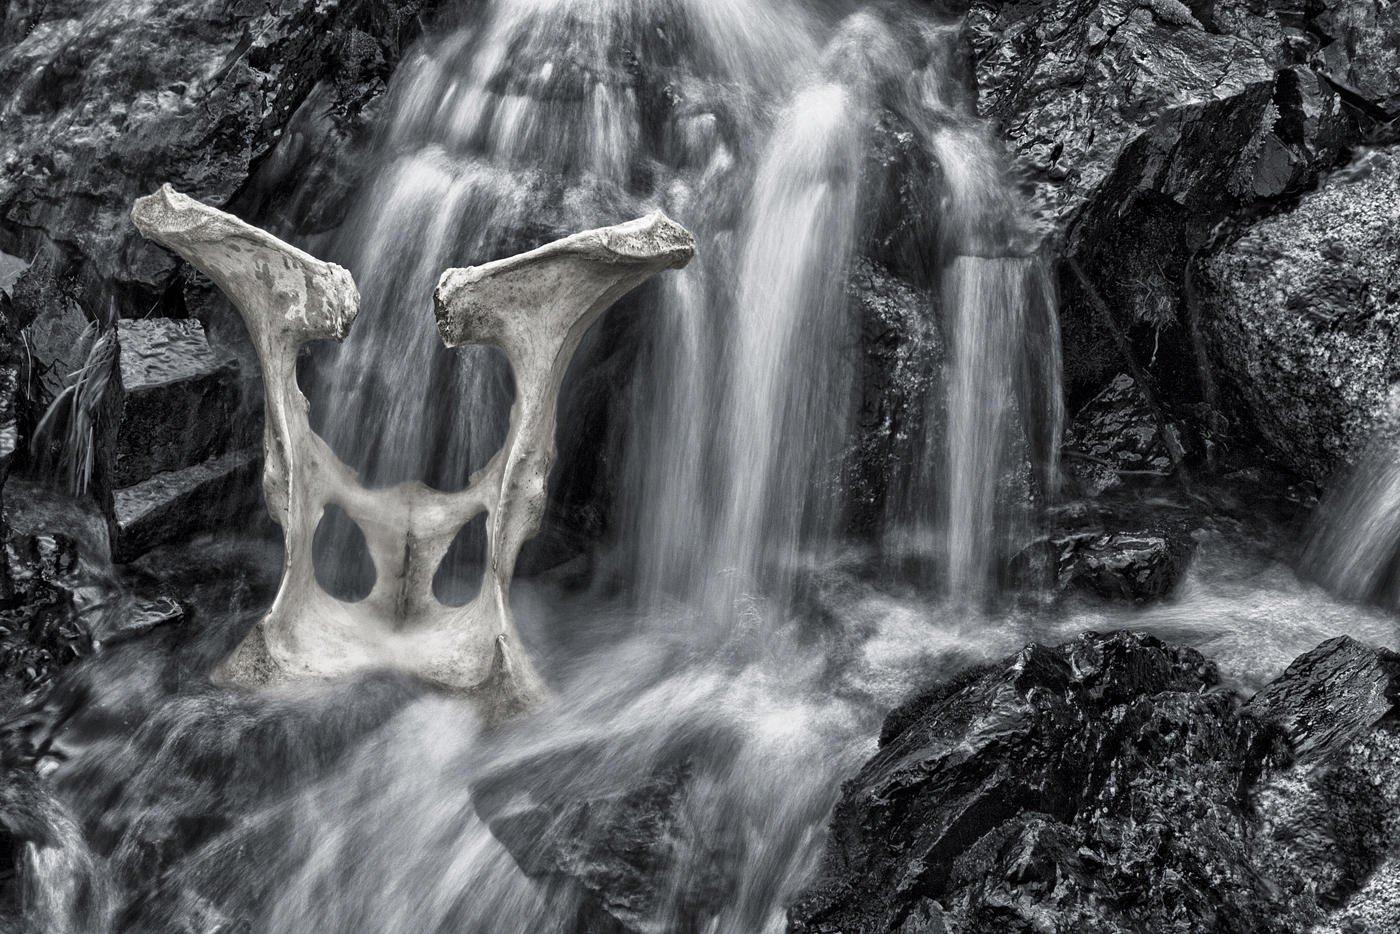 Caída de agua con pelvis (Salvador Solé Soriano)